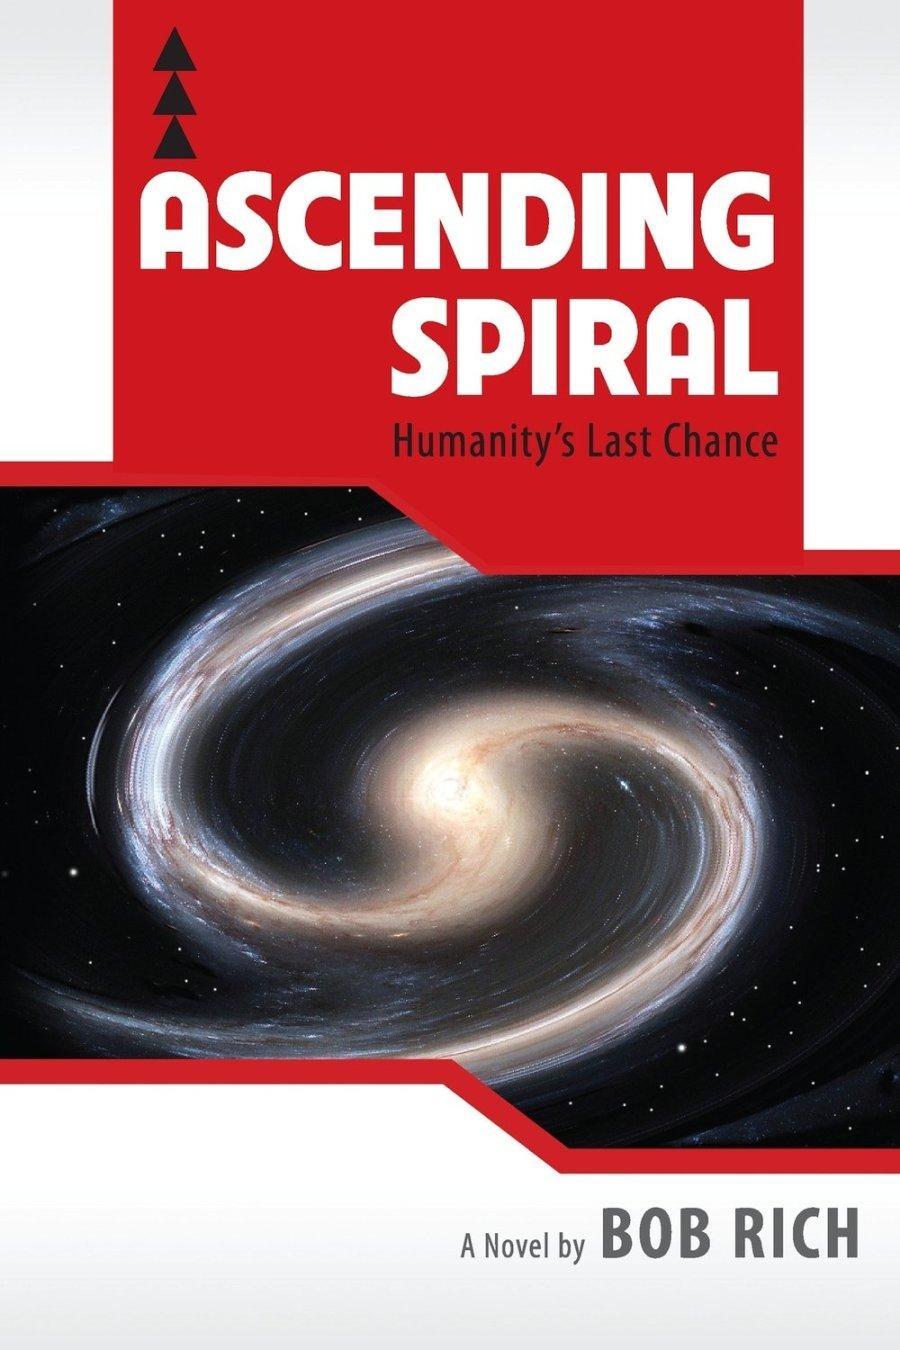 Ascending Spiral